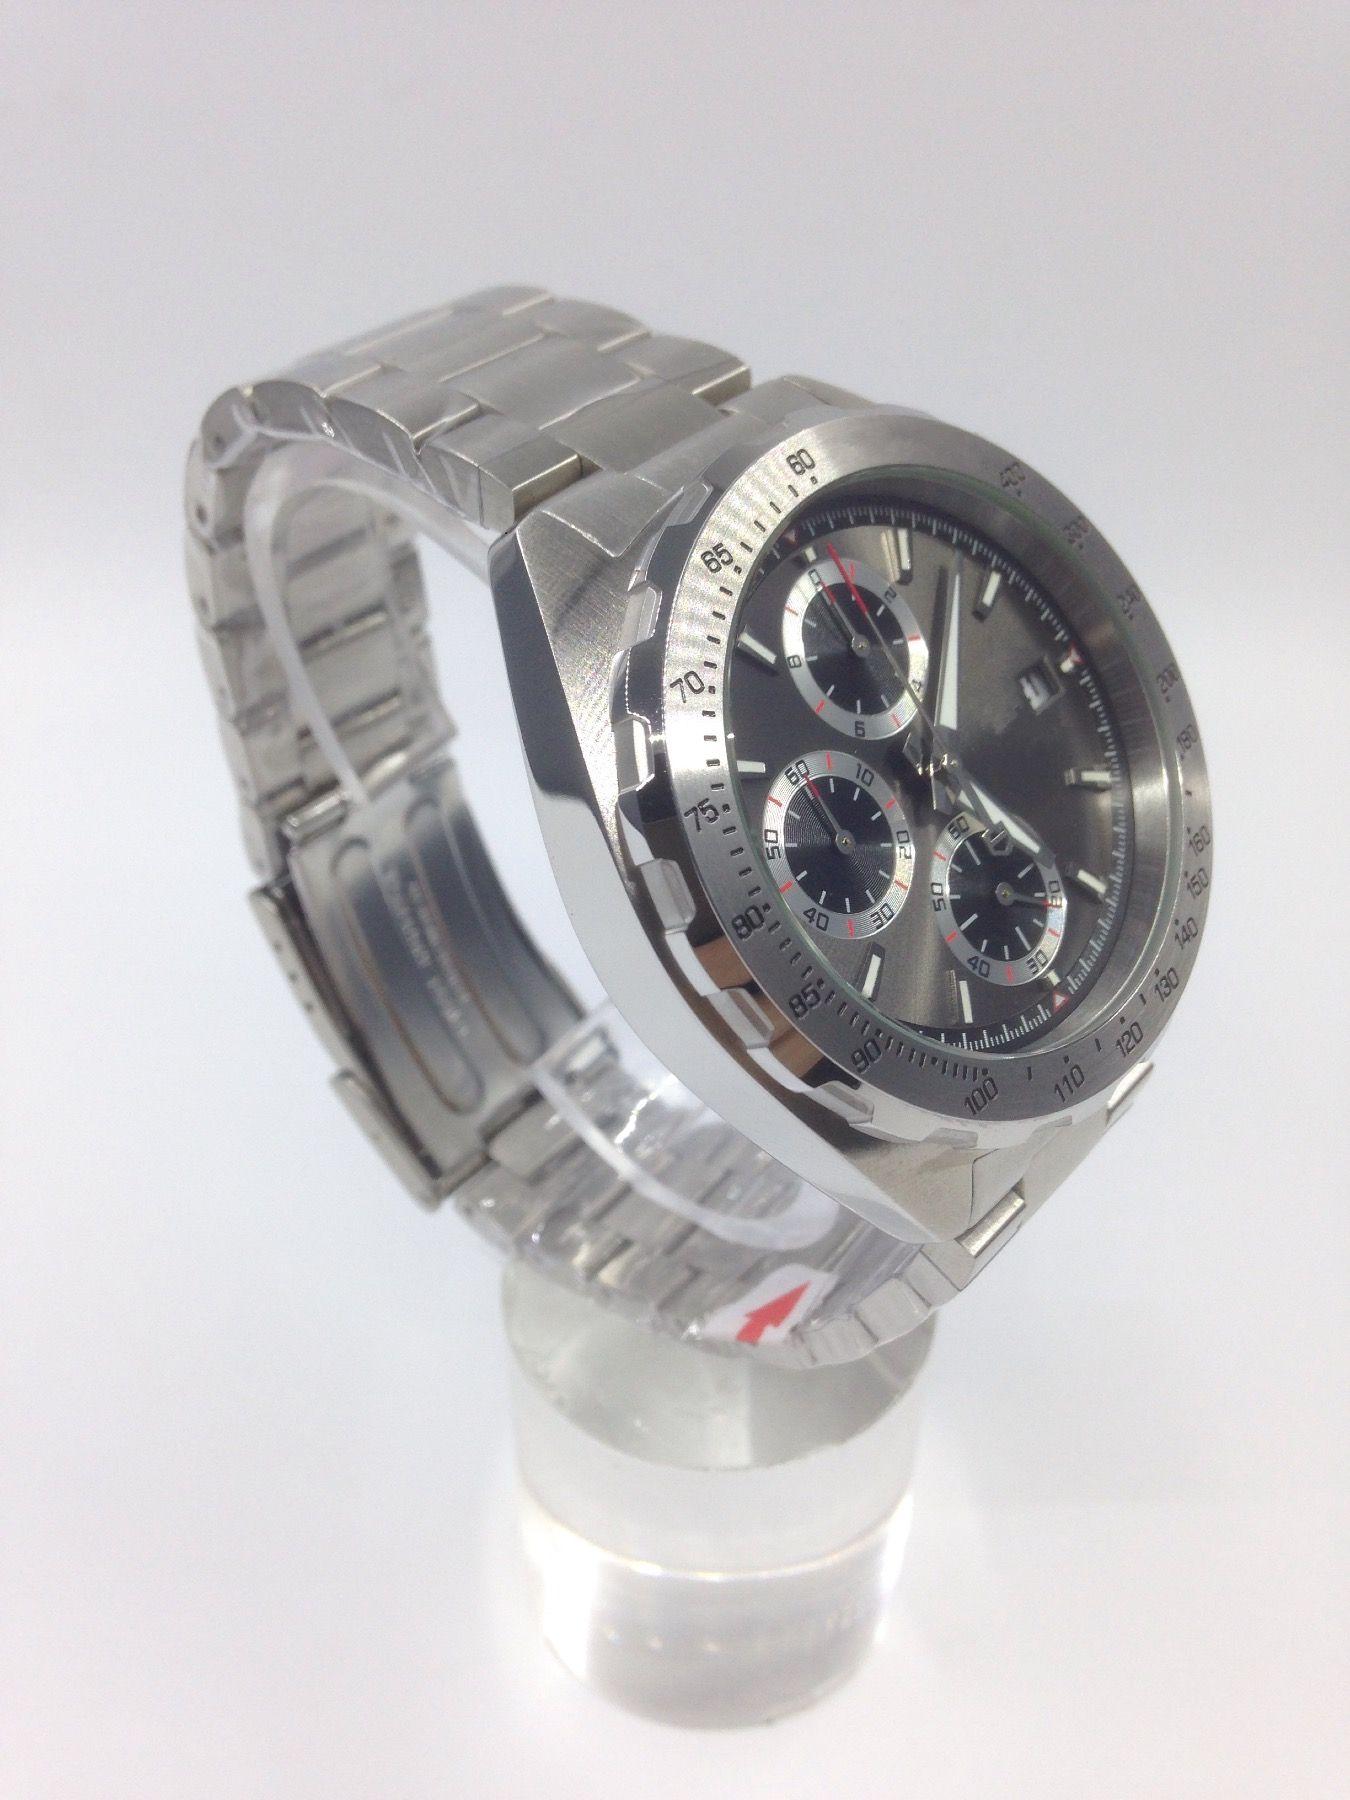 사치 유리 높은 qality 스테인레스 스틸 쿼츠 시계 쿼츠 크로노 그래프 시계 남자 시계 제한 시계 시계 01